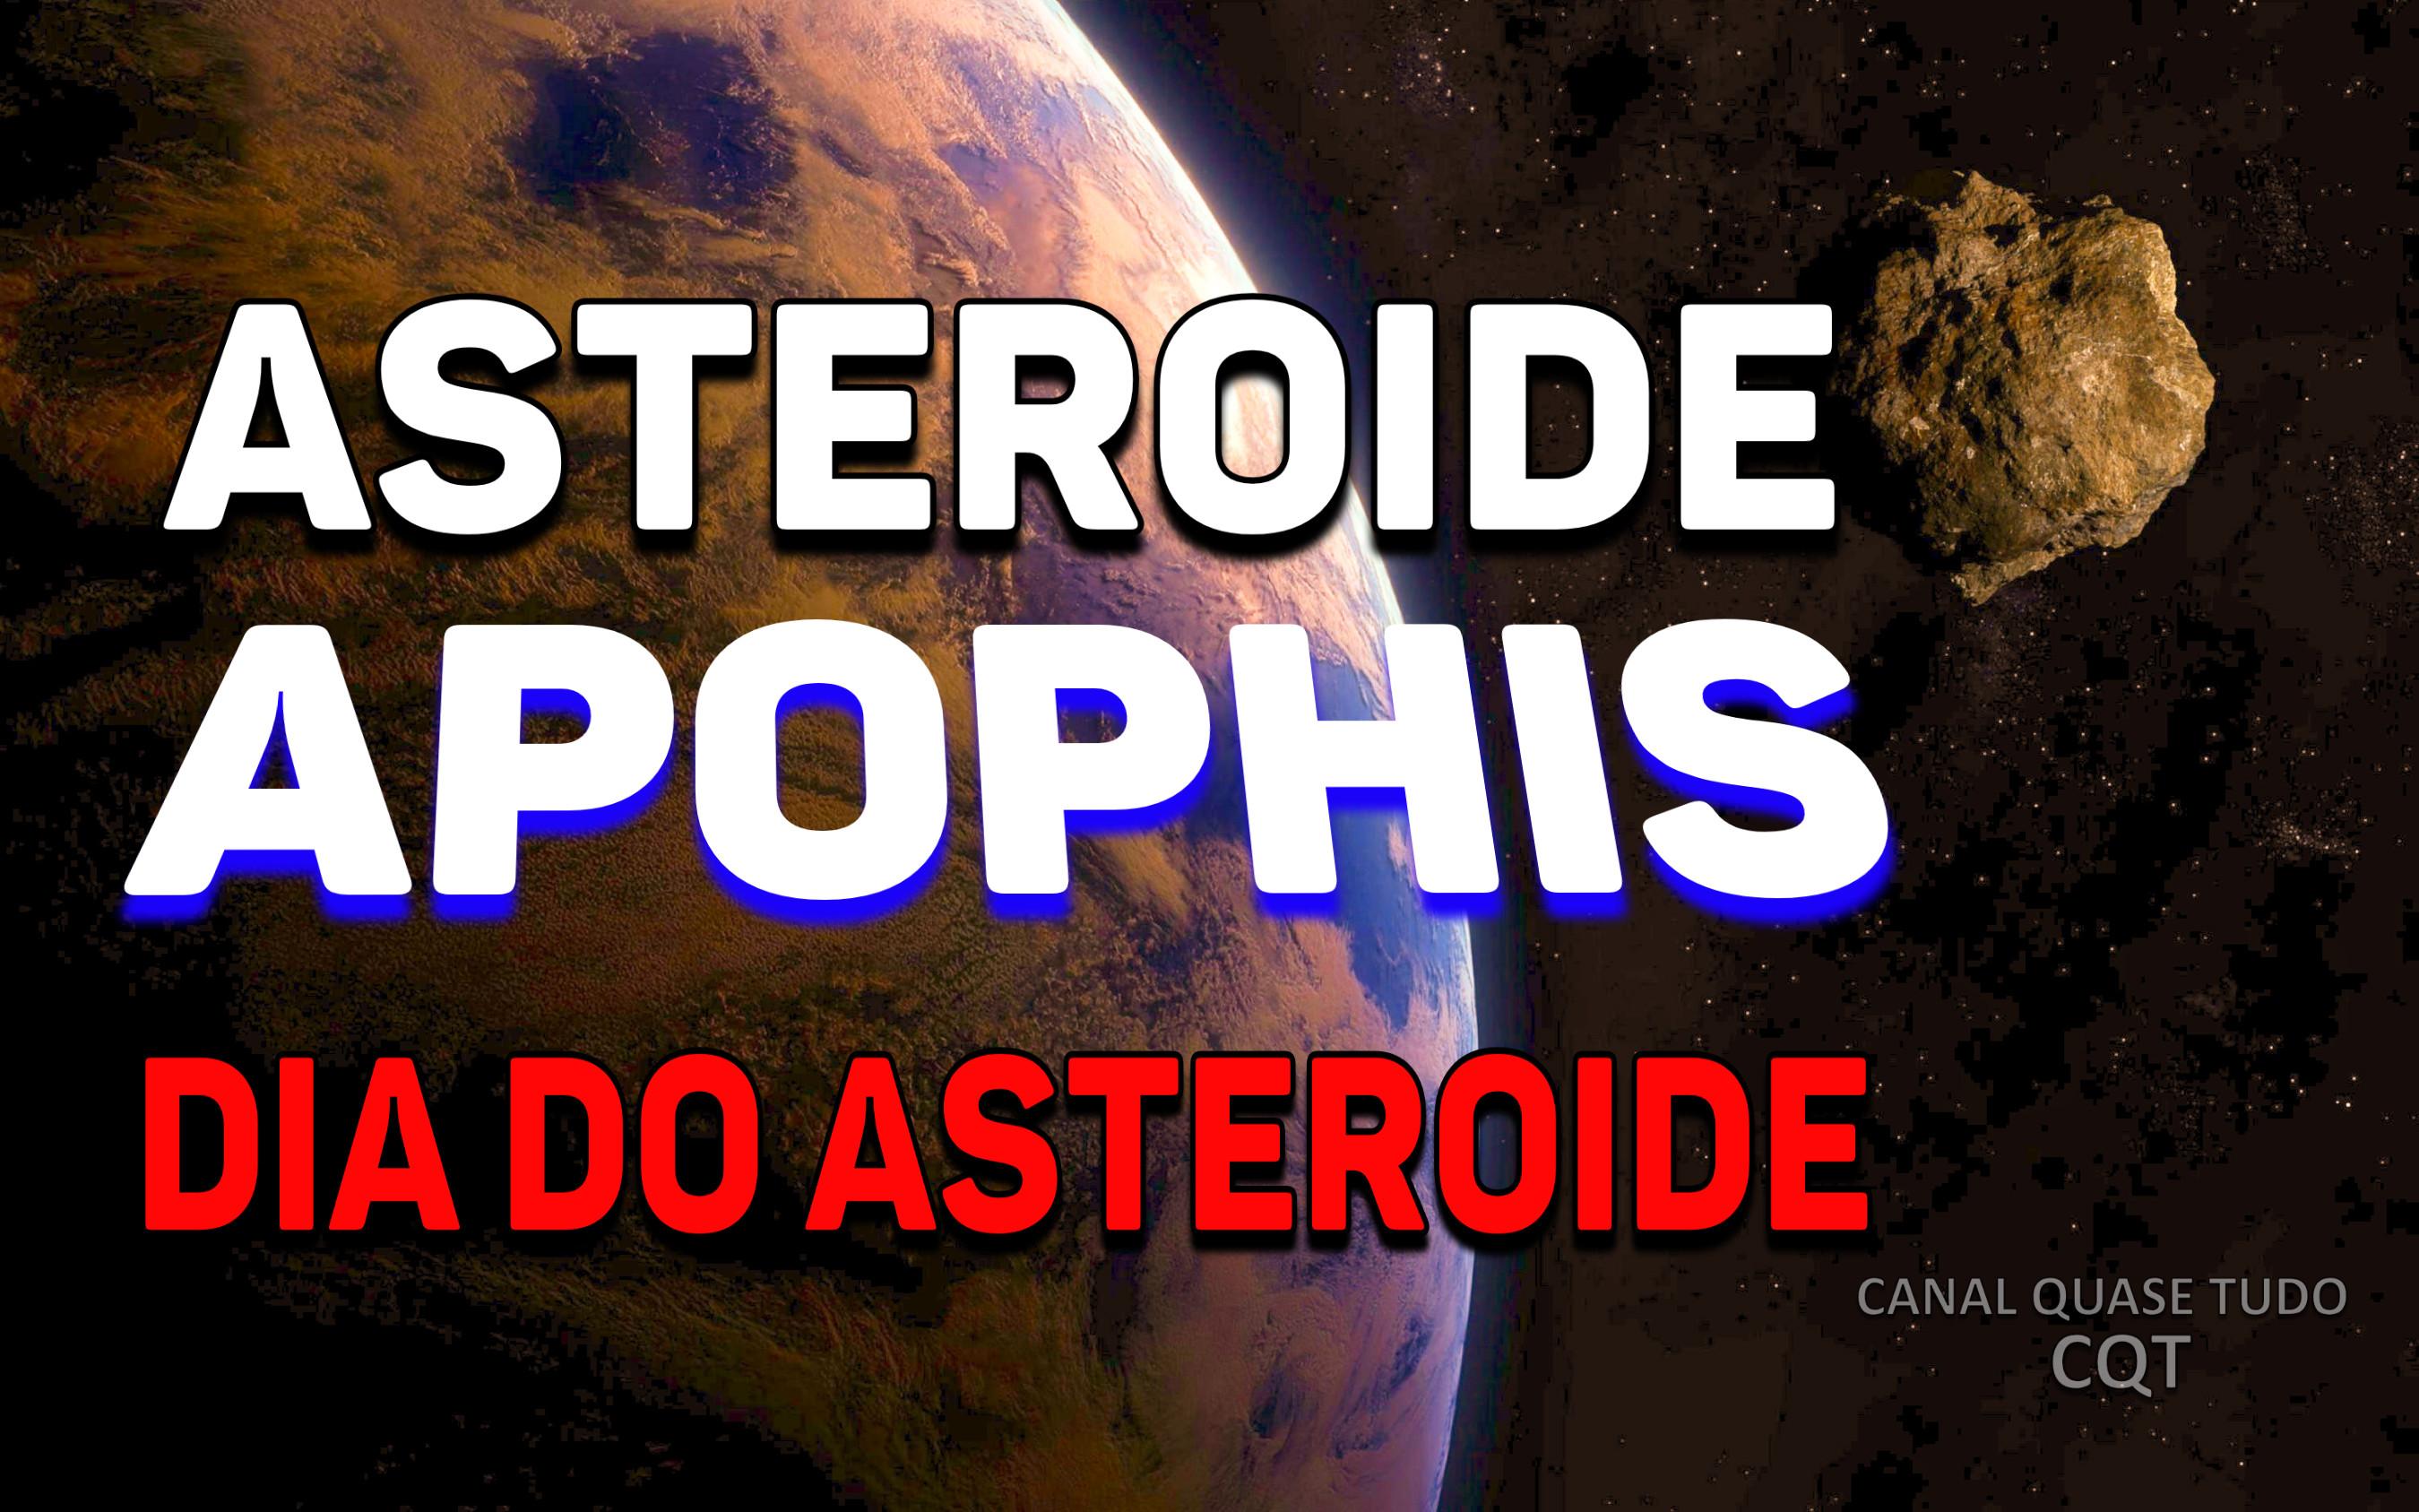 ASTEROIDE APOPHIS, APOFIS, DIA DO ASTEROIDE, CANAL QUASE TUDO, FIM DOS TEMPOS, APOCALIPSE